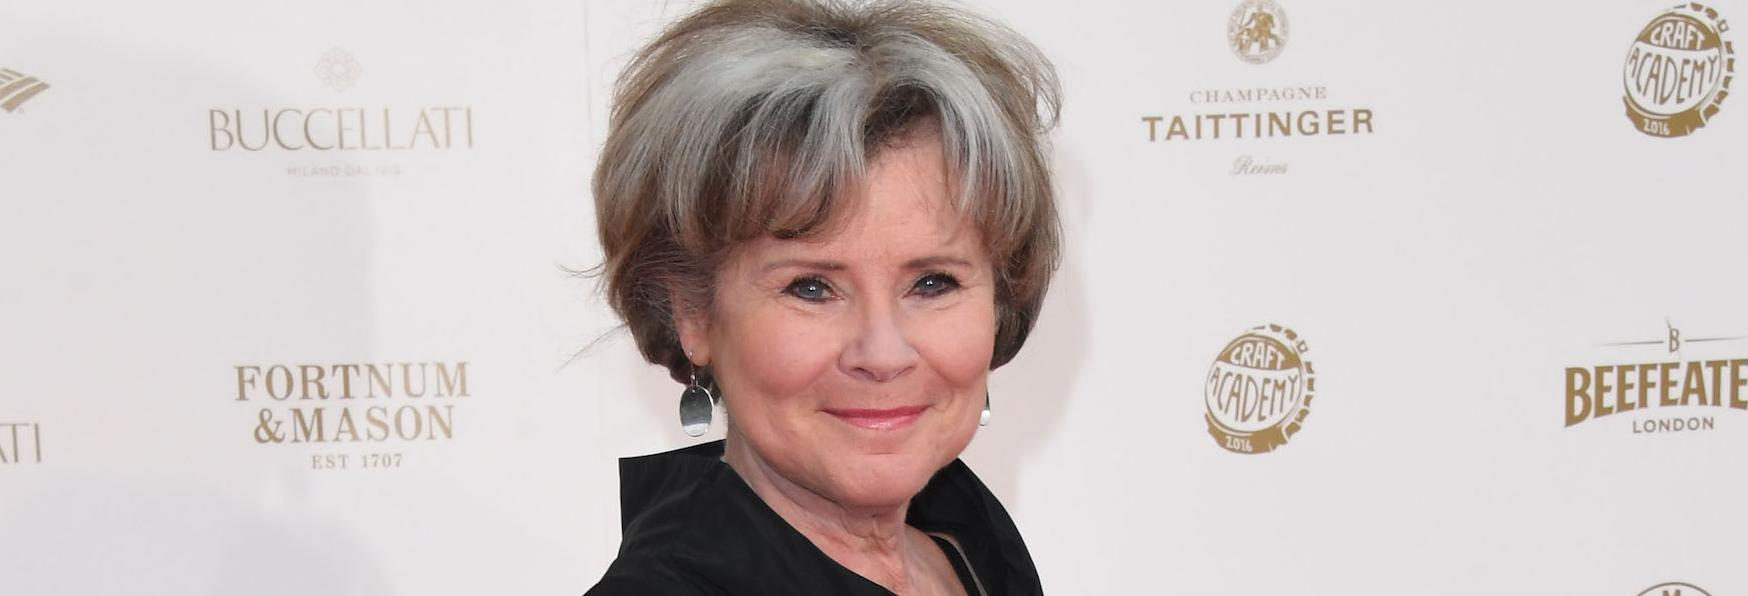 Imelda Staunton sarà Protagonista di una nuova Serie TV prodotta da Apple e BBC